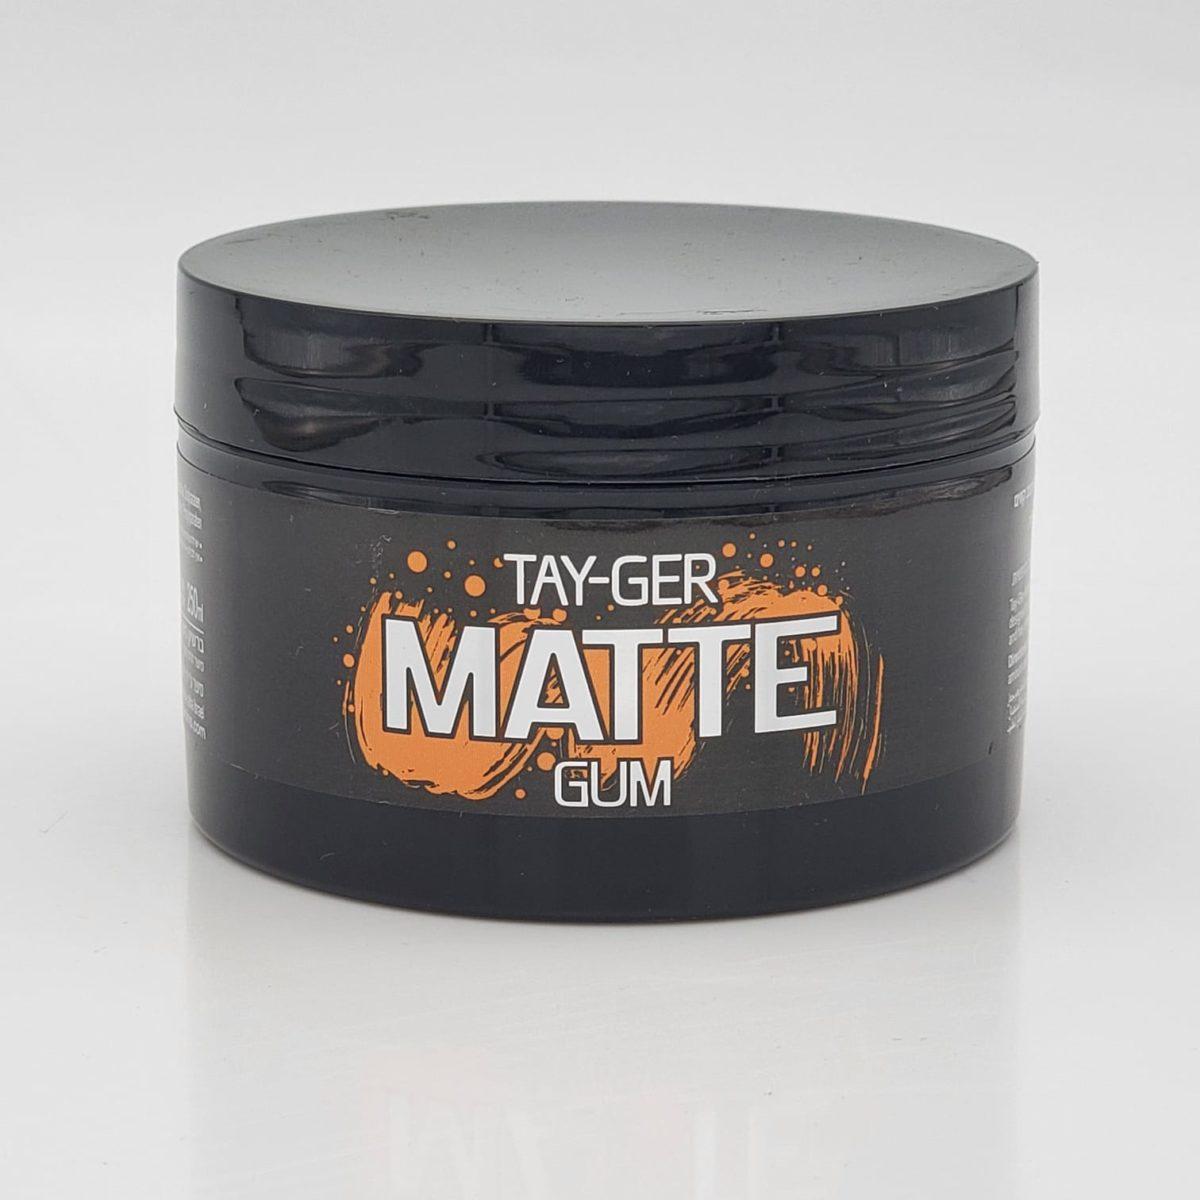 MATTE GUM TAY-GER ווקס